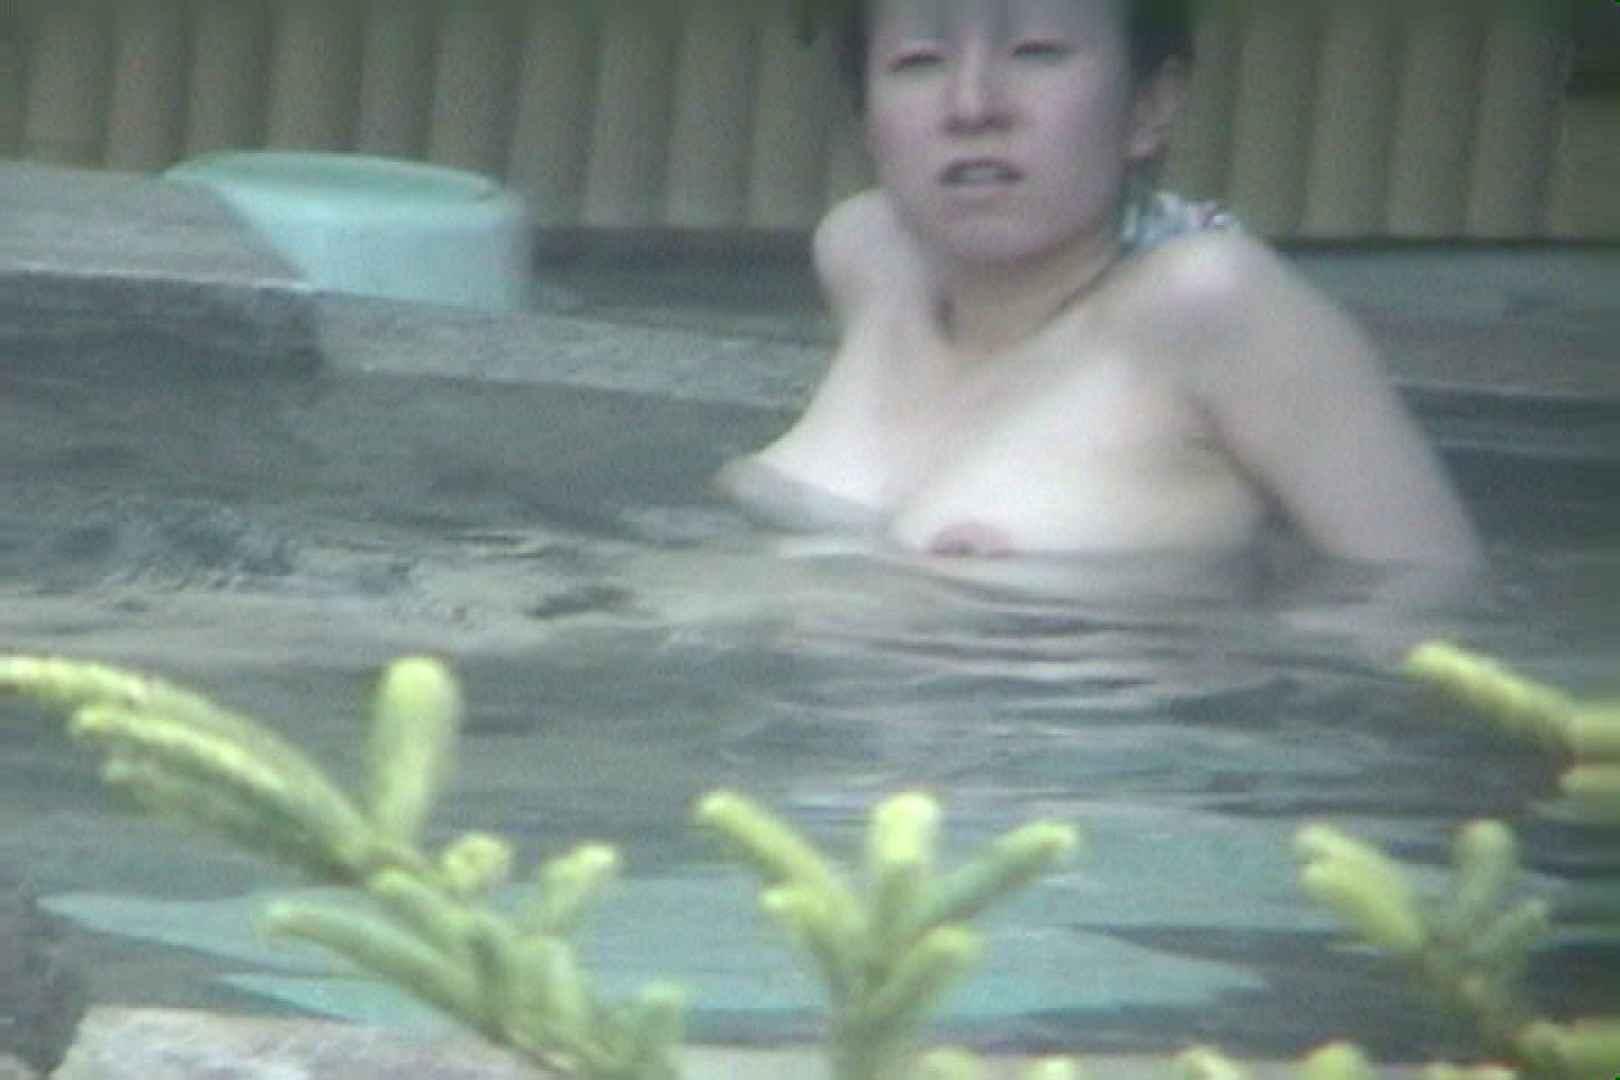 Aquaな露天風呂Vol.106 露天風呂 | 盗撮  68連発 10